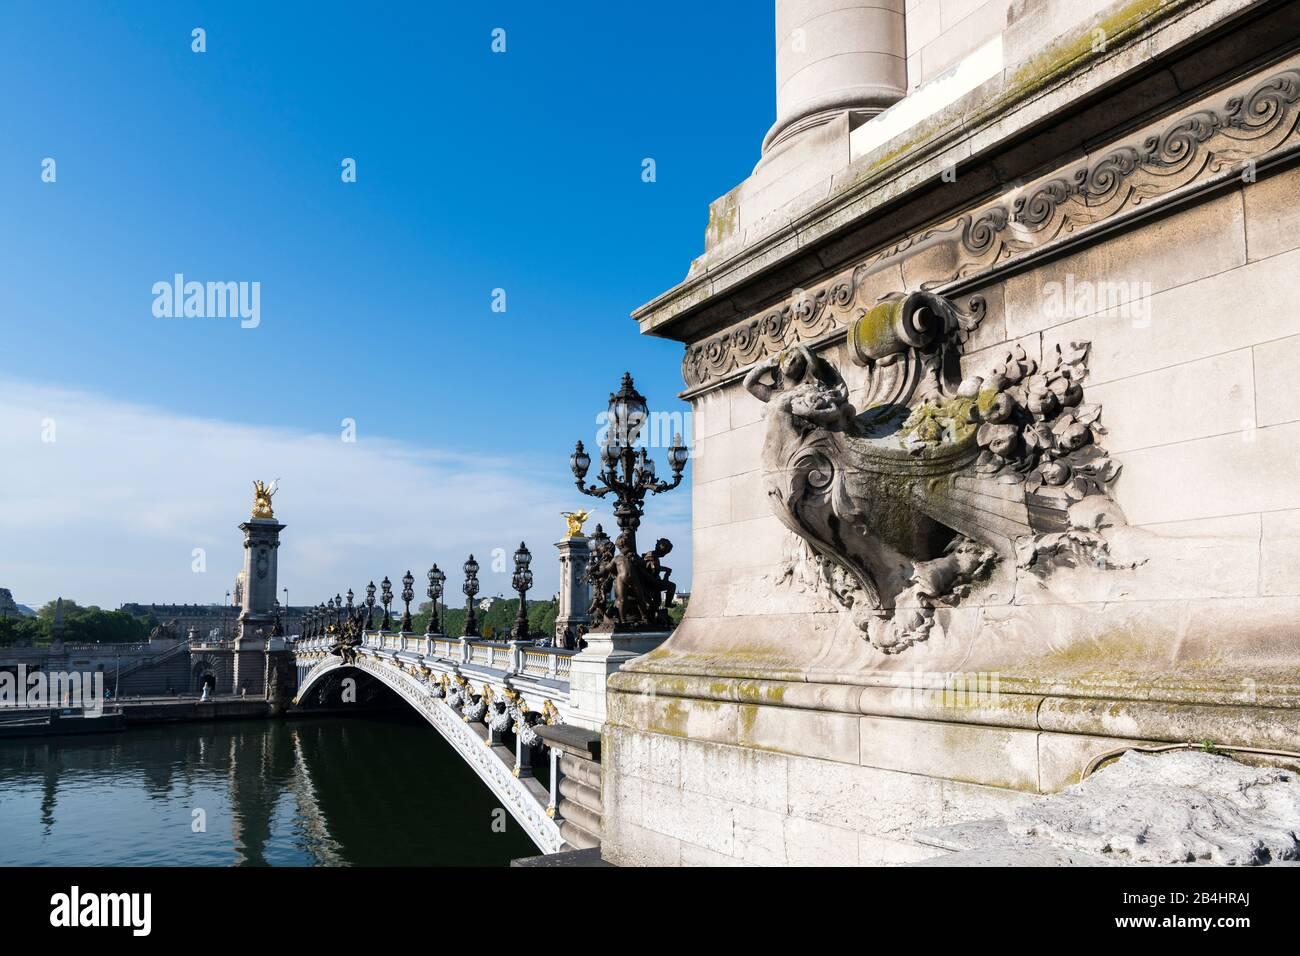 seitlicher Blick auf die Basis eines Pylons vor der Brücke Pont Alexandre III, Paris, Frankreich, Europa Stock Photo